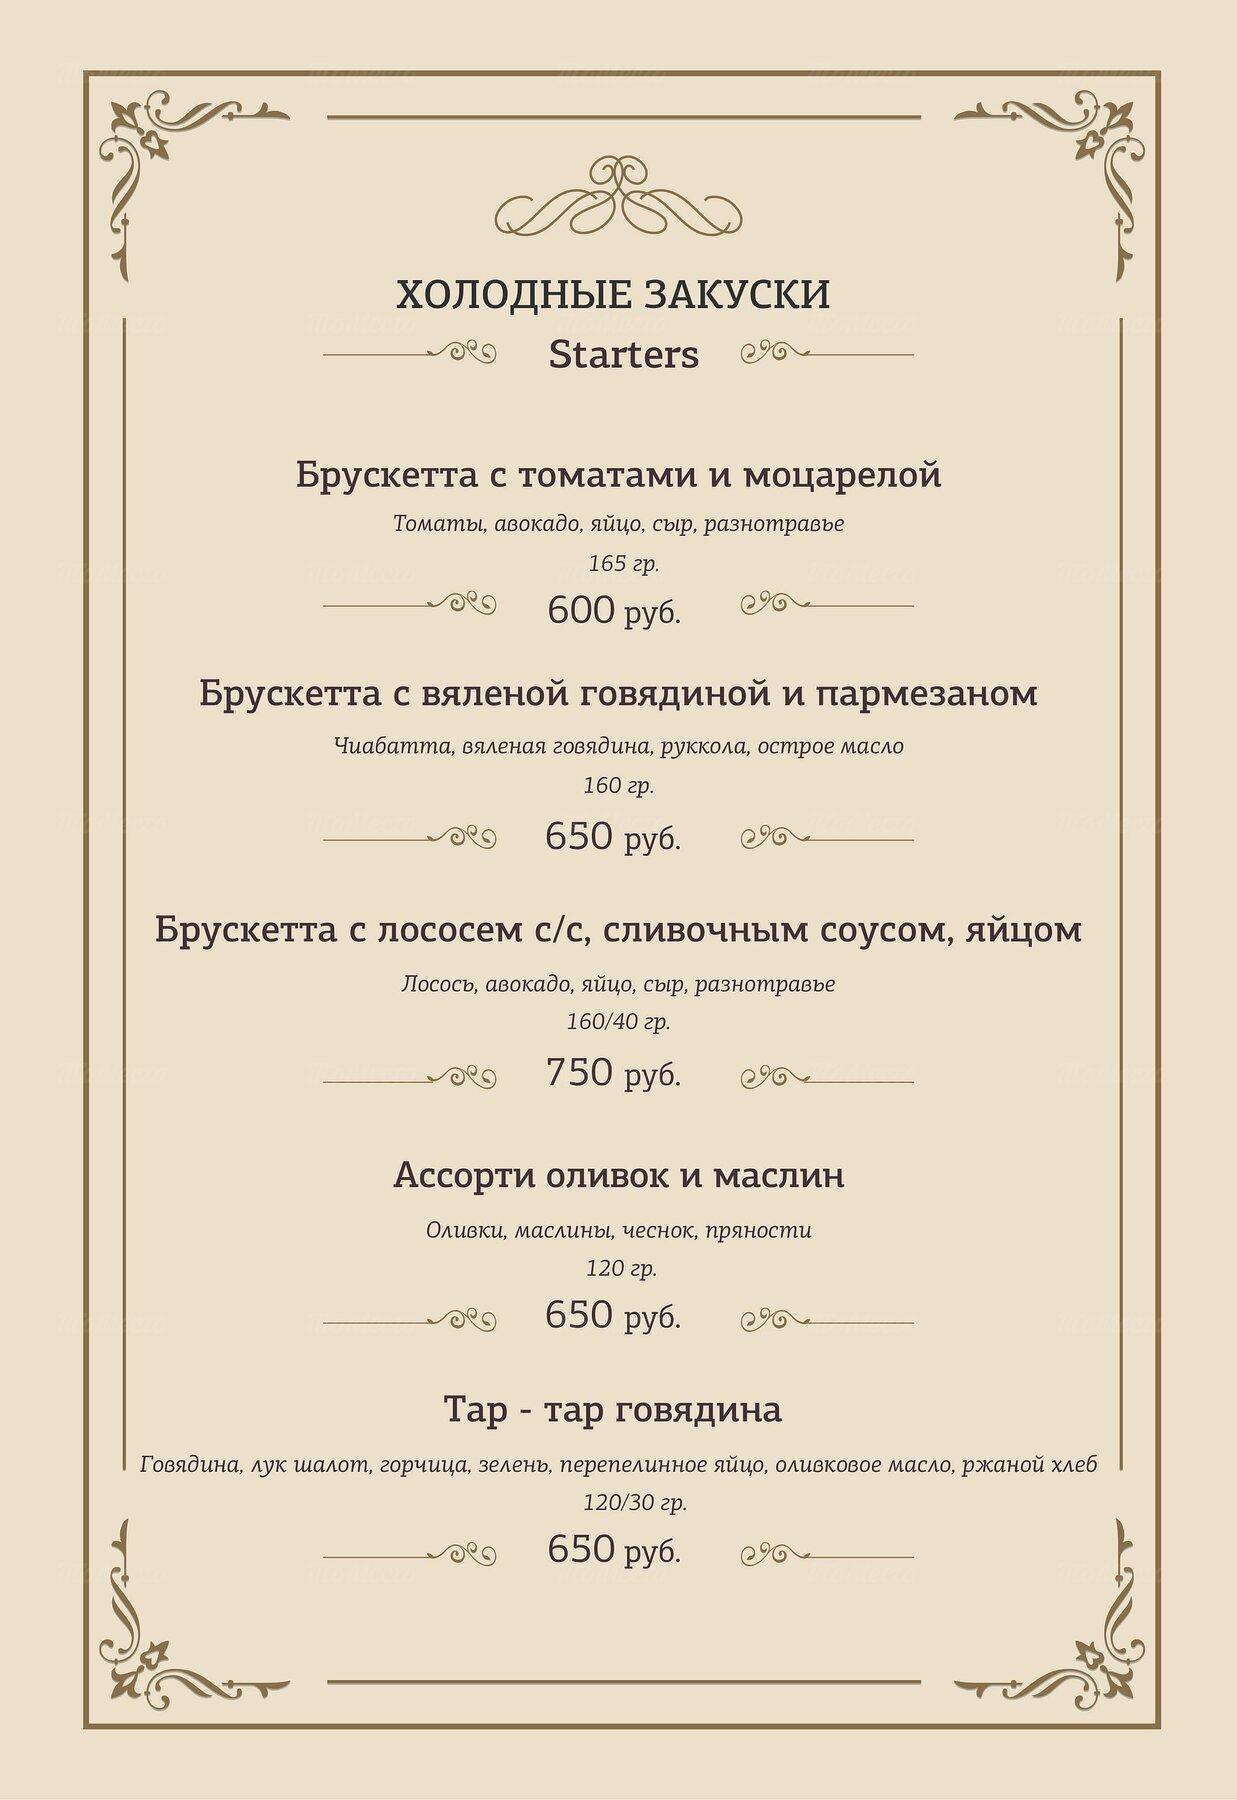 Меню караоке клуб Сопрано на Невском проспекте фото 1